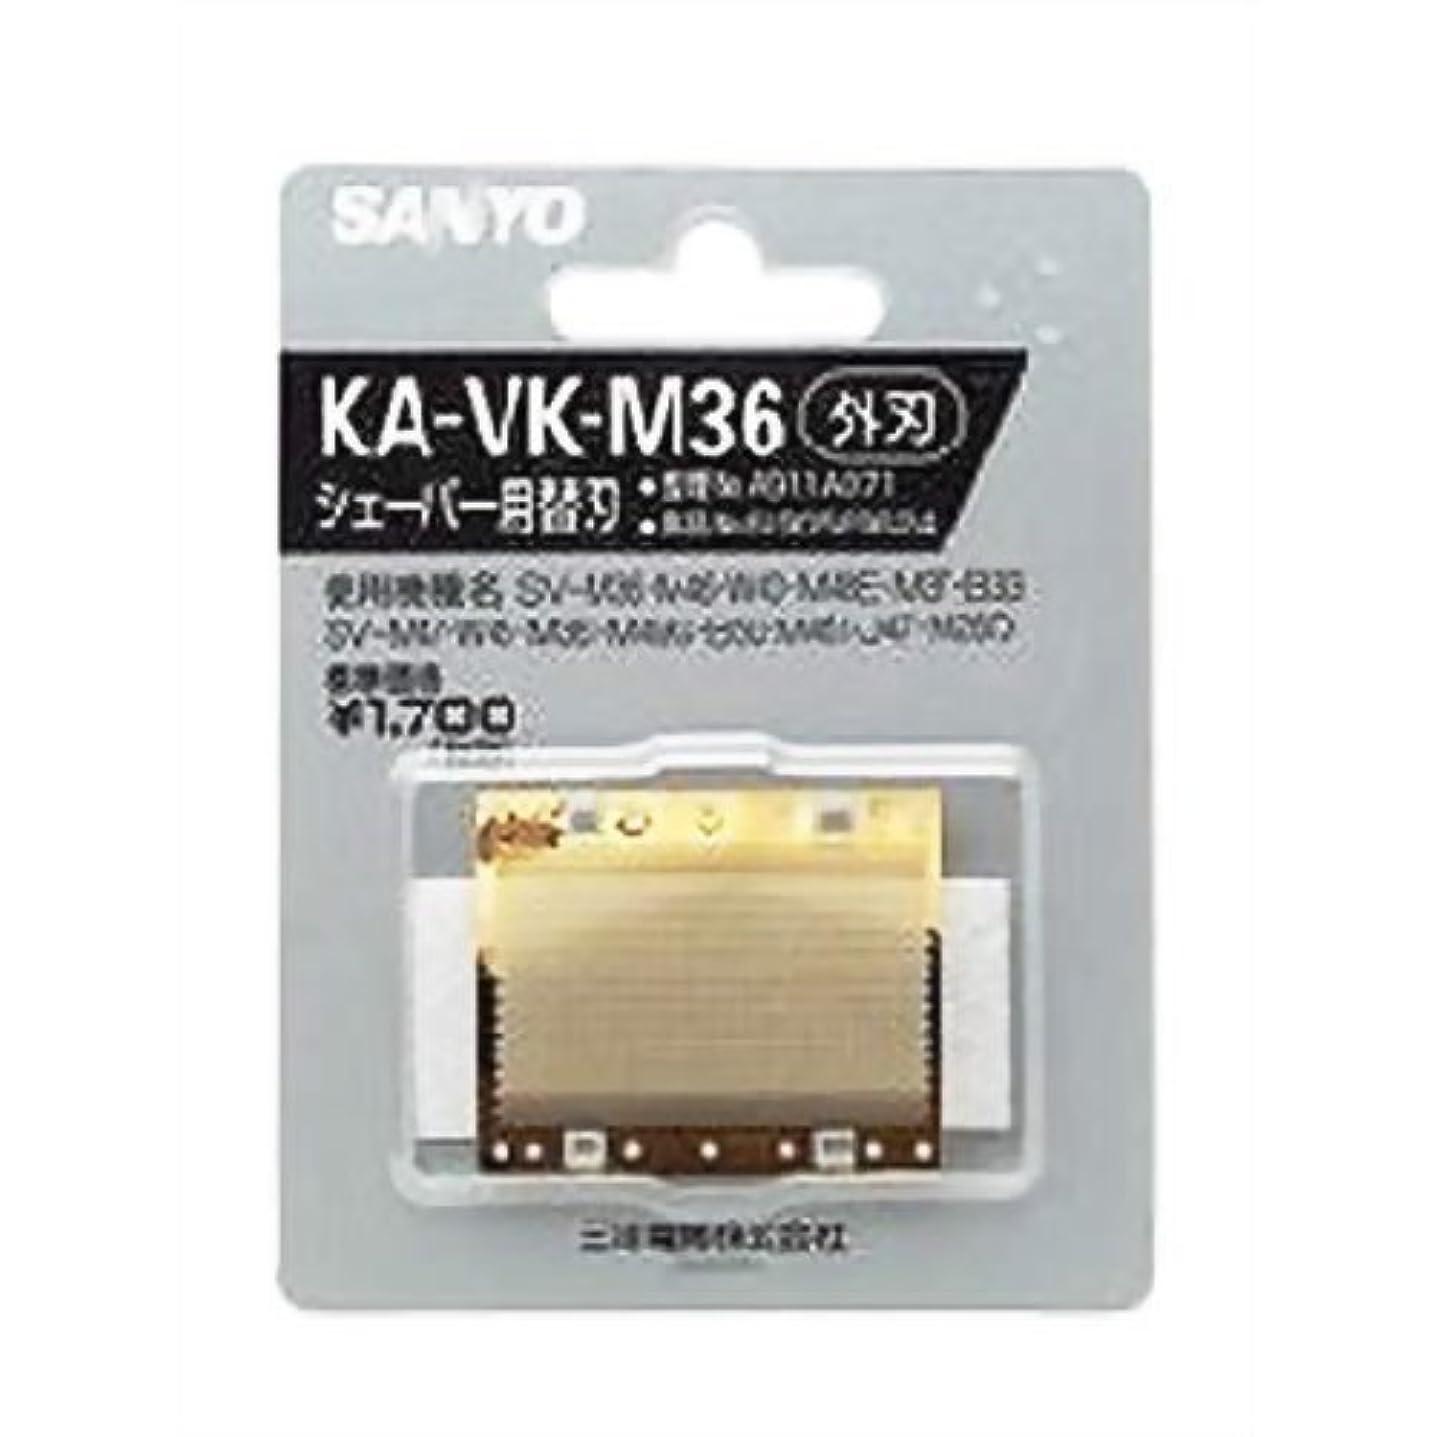 エージェントテニス仕出しますサンヨー 交換用替刃(外刃)SANYO KA-VK-M36